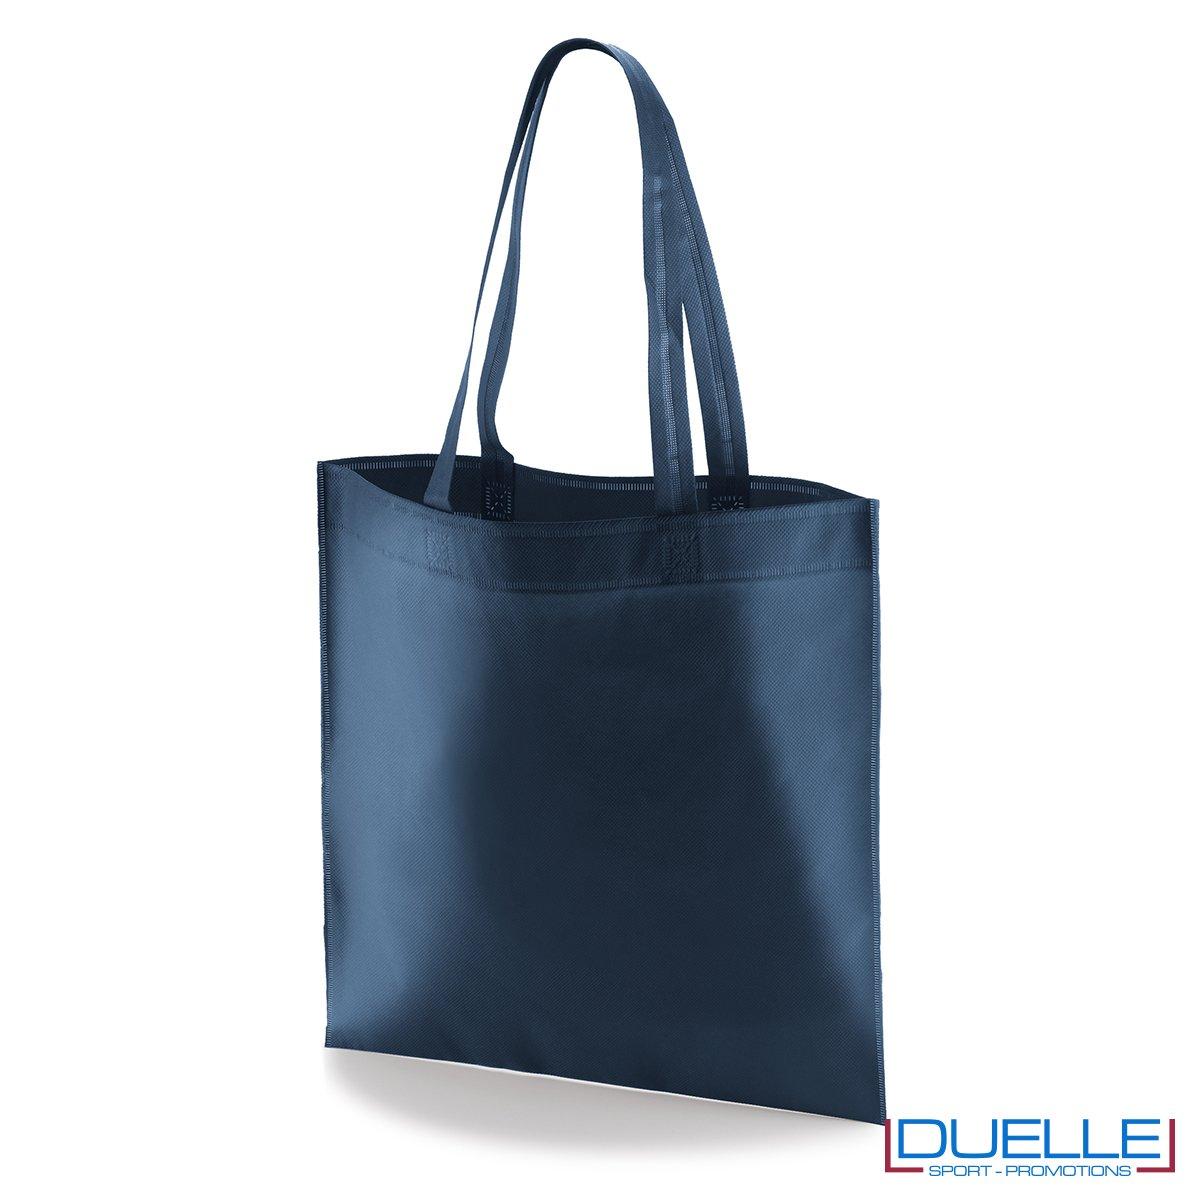 borsa shooper personalizzata in tnt termosaldato blu navy, offerta borse promozionali in tnt economiche blu navy